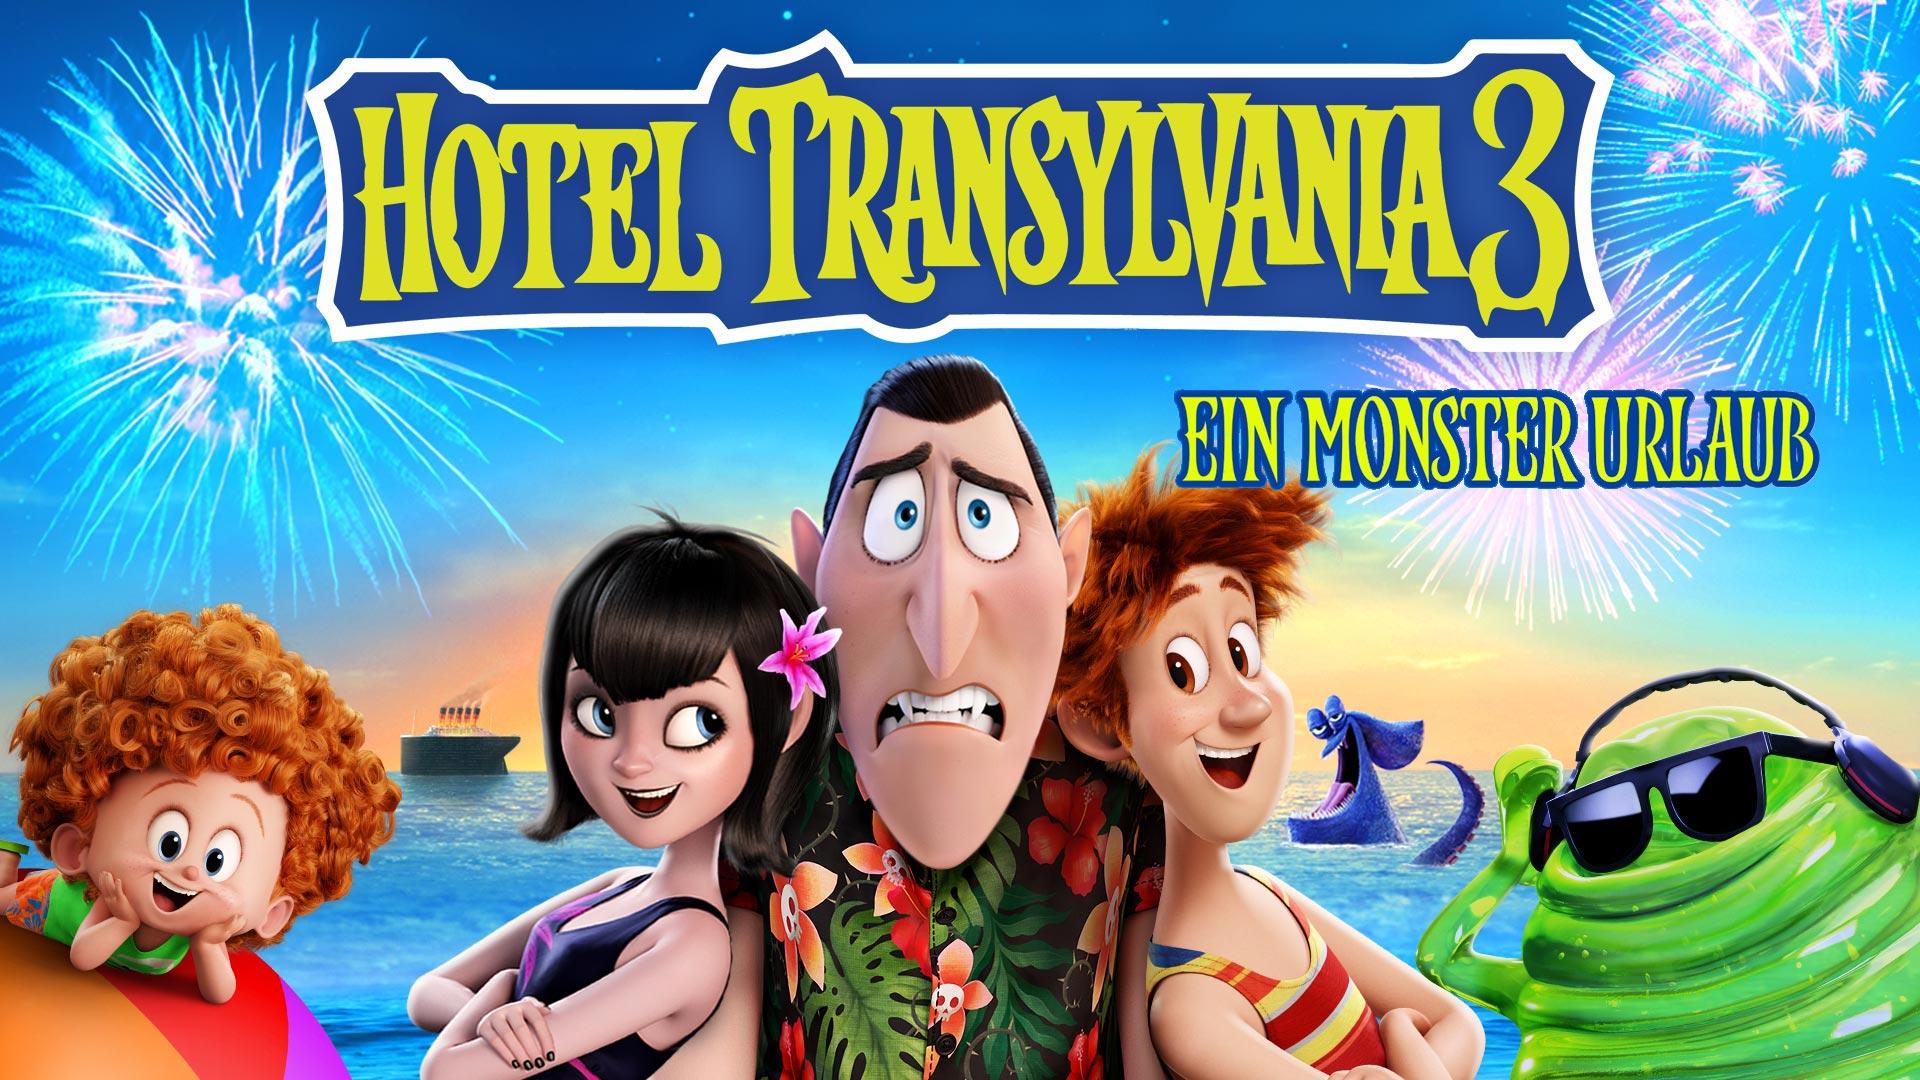 Hotel Transsilvanien 3 - Ein Monster Urlaub (4K UHD)